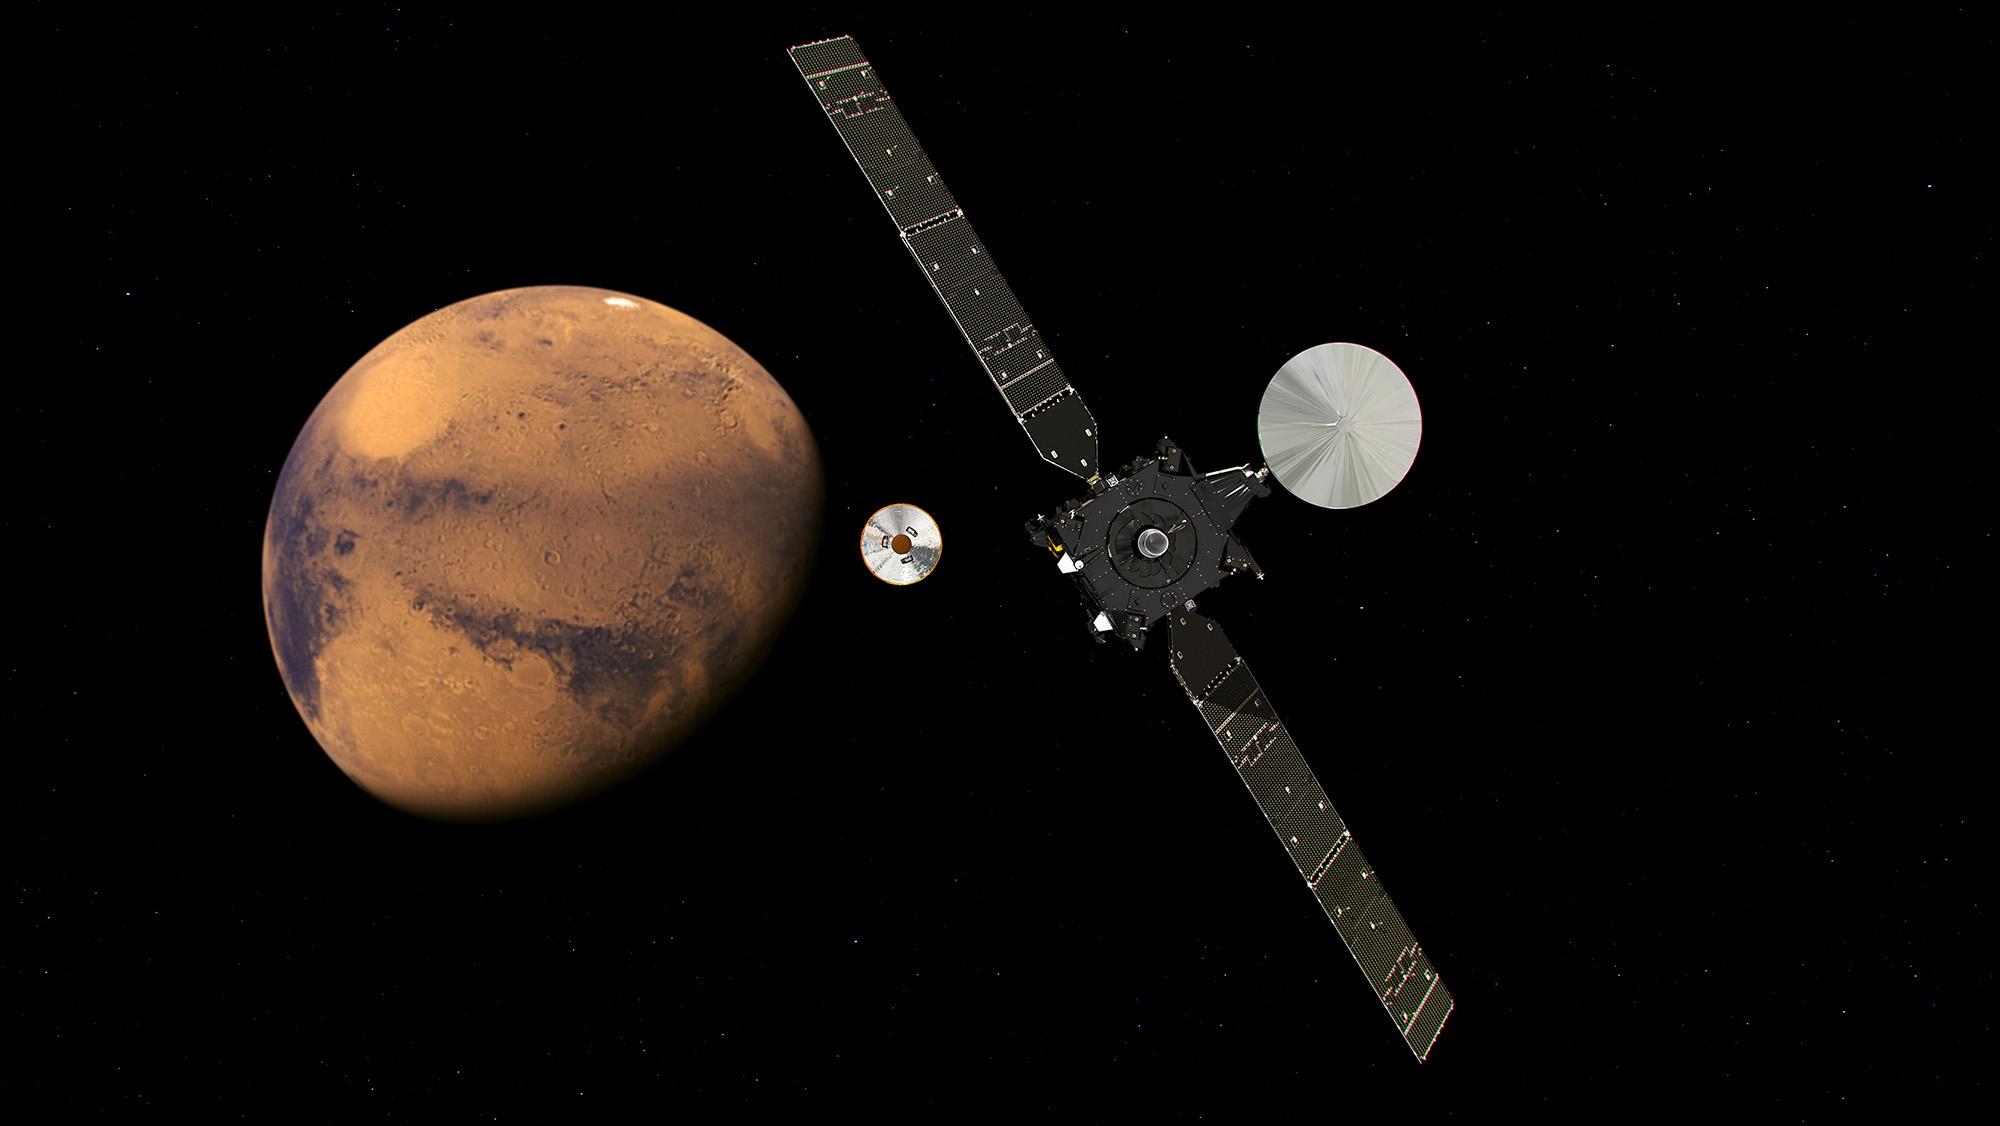 L'orbiteur TGO de l'ESA a été capturé par la planète Mars et va rejoindre progressivement son orbite d'observation